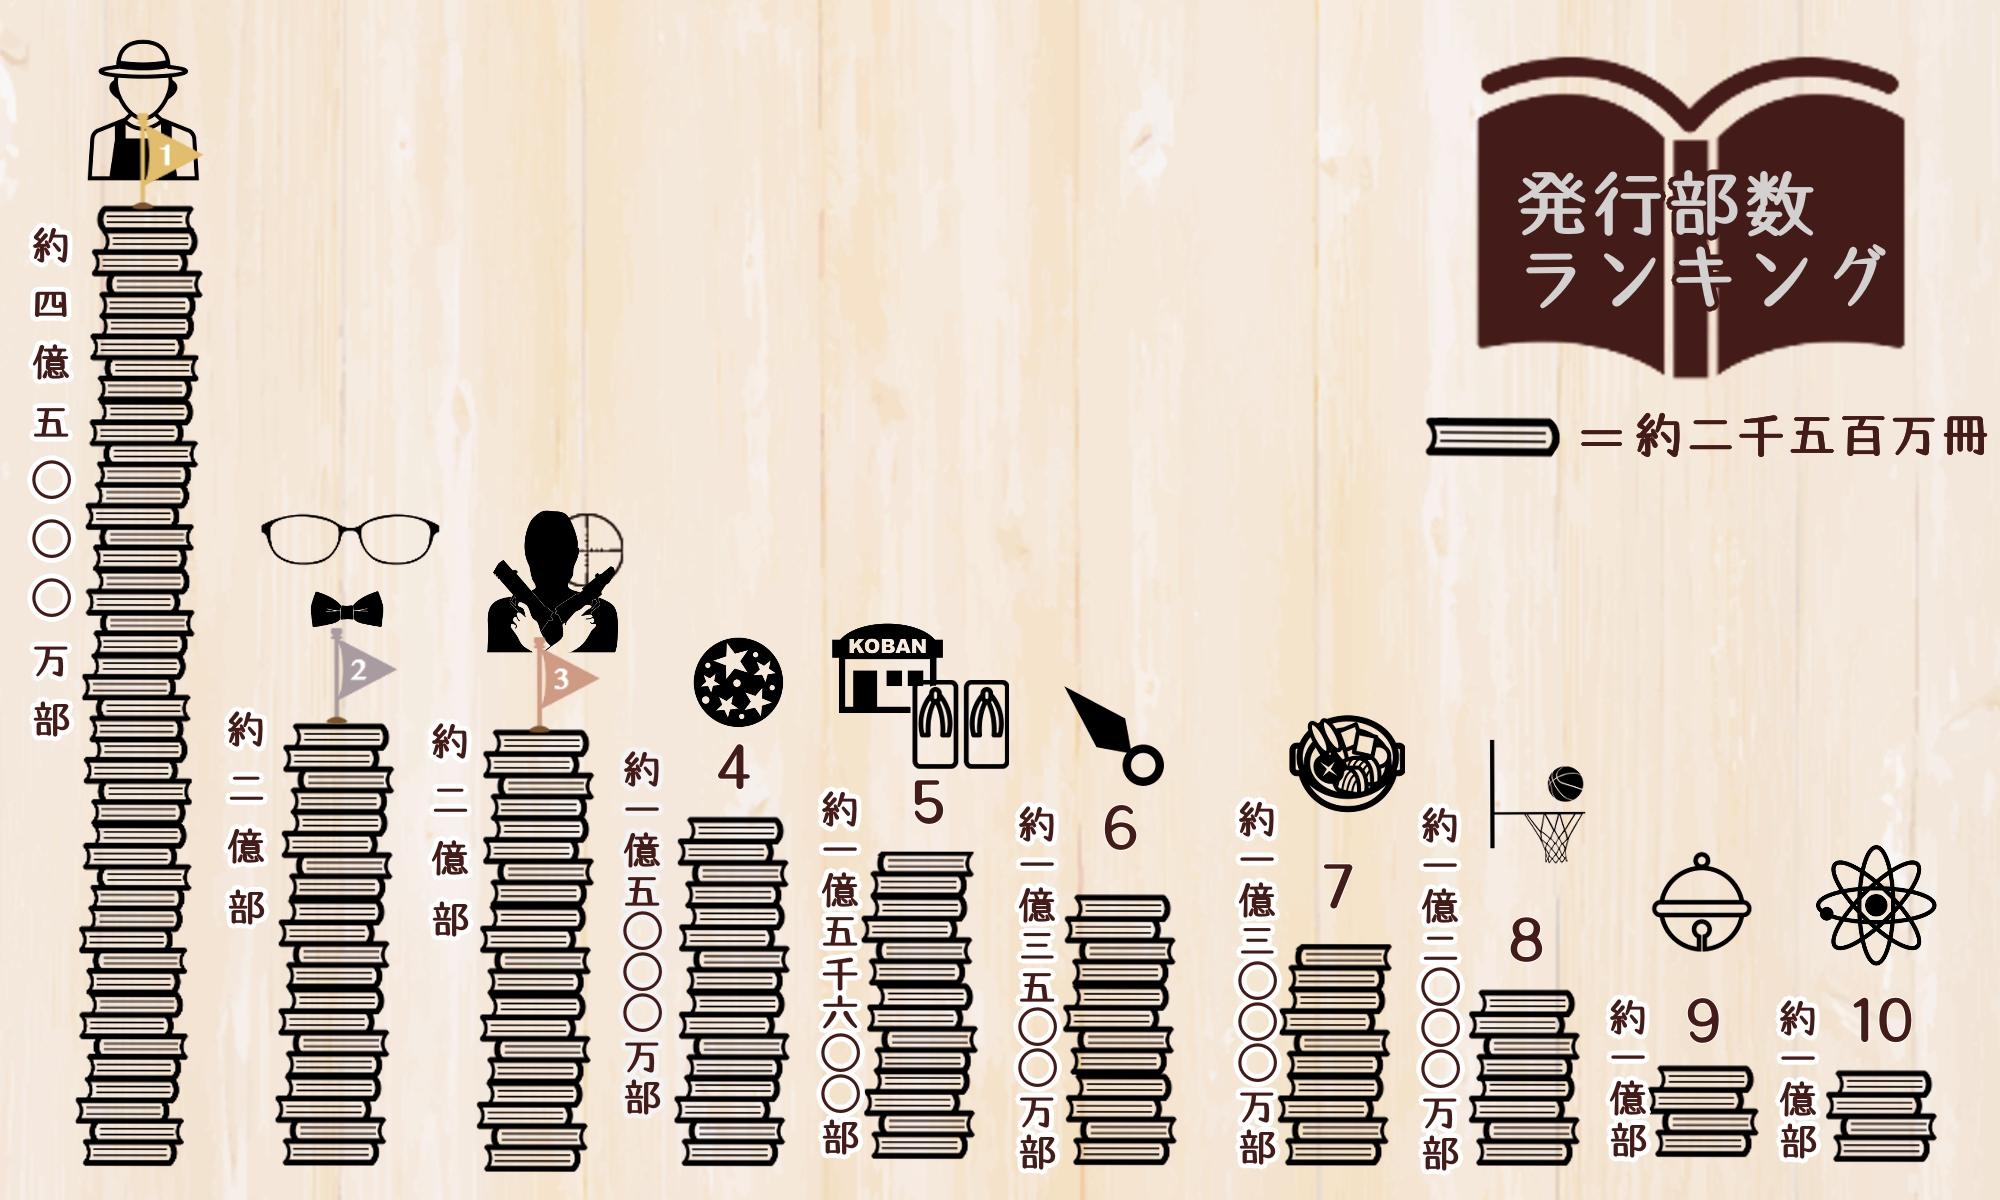 歴代漫画発行部数ランキング インフォグラフィック